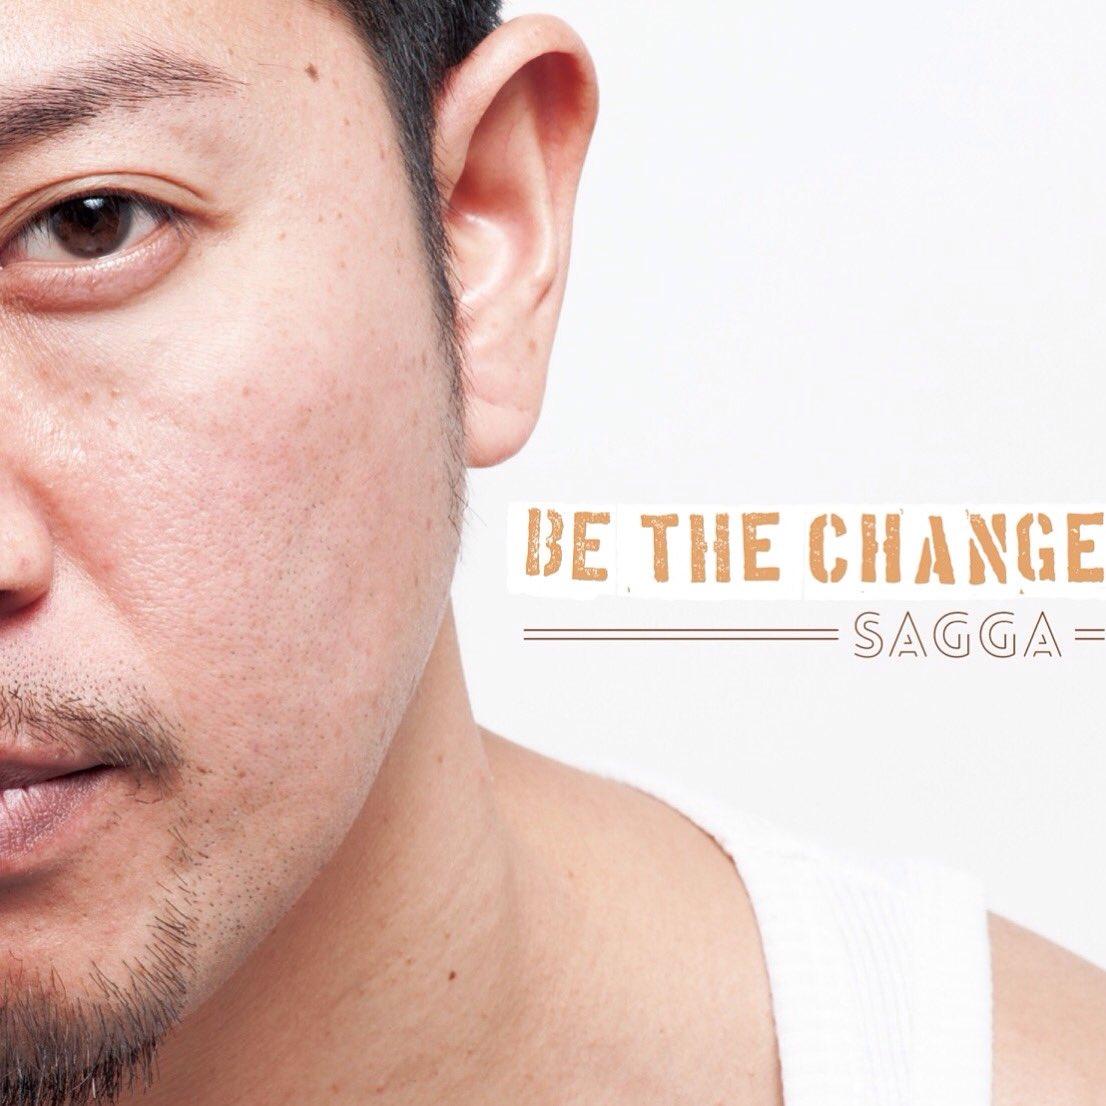 SAGGA NEW SOLO ALBUM  BE THE CHANGE  4/13 全国発売致します きっと誰もが優しくなれるアルバムになりました  皆様、どうか宜しくお願い致します。 https://t.co/yTW7tFVquL